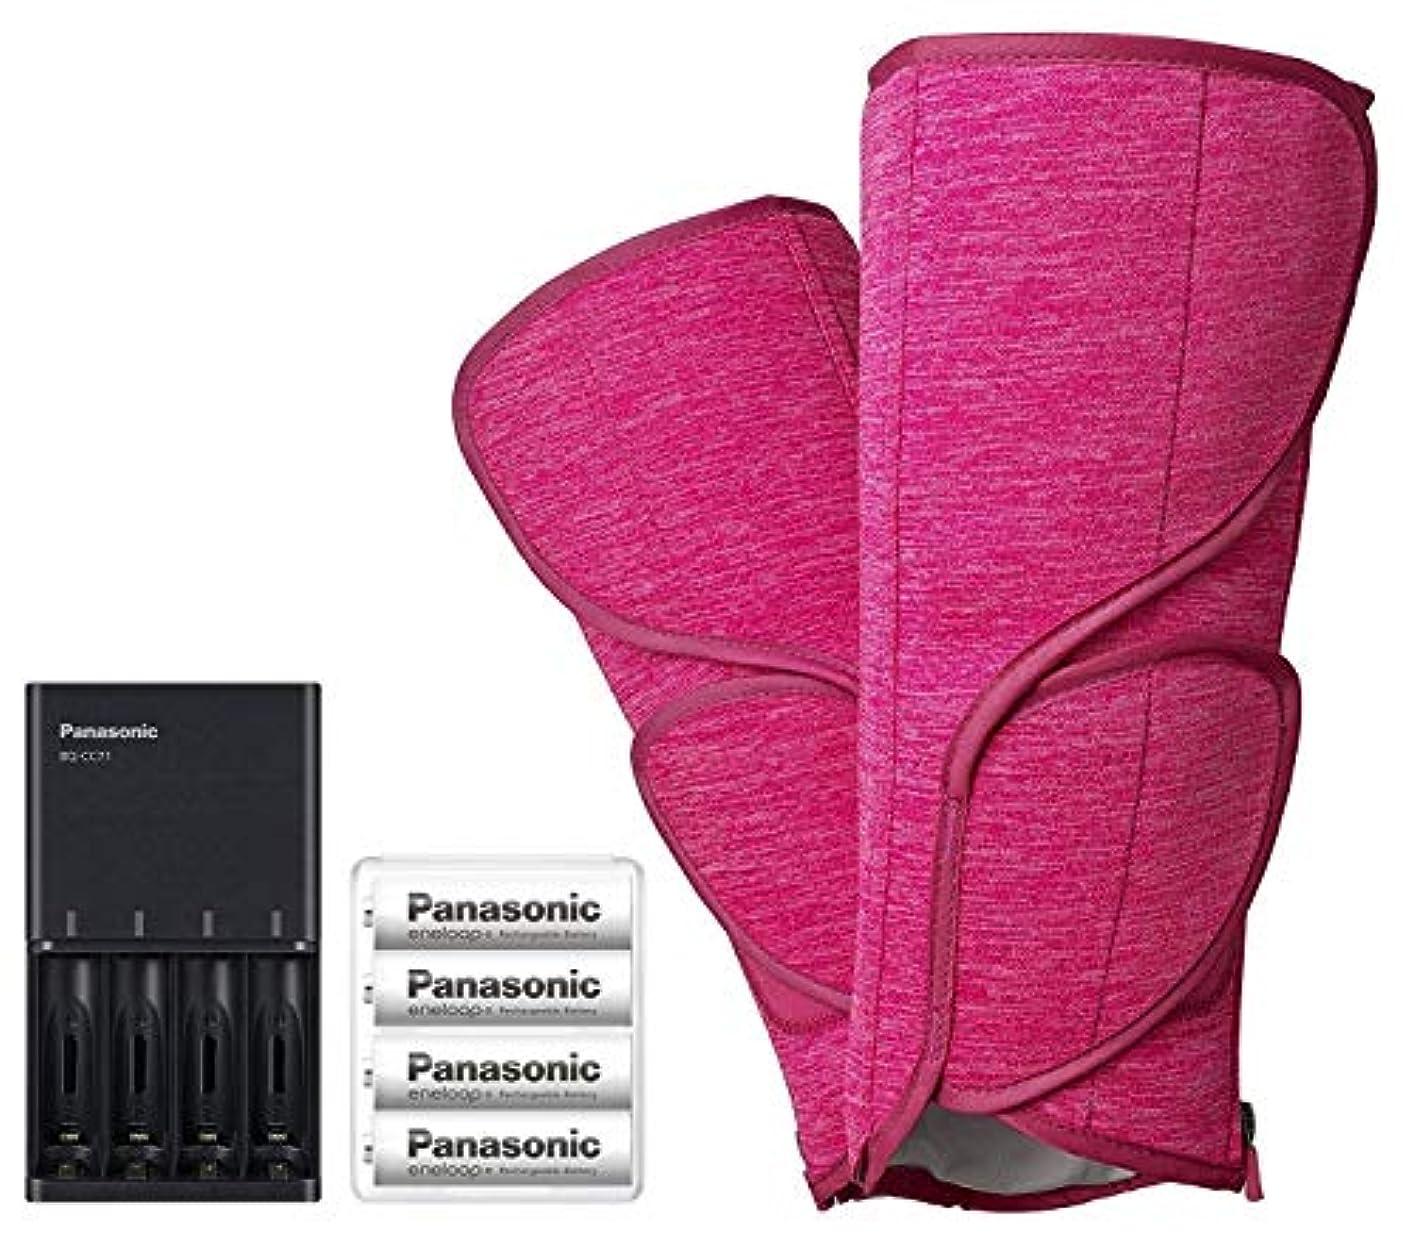 輸血岩学んだパナソニック エアーマッサージャー コードレス レッグリフレ ピンク EW-RA38-P + 単3形充電池 + 充電器 セット